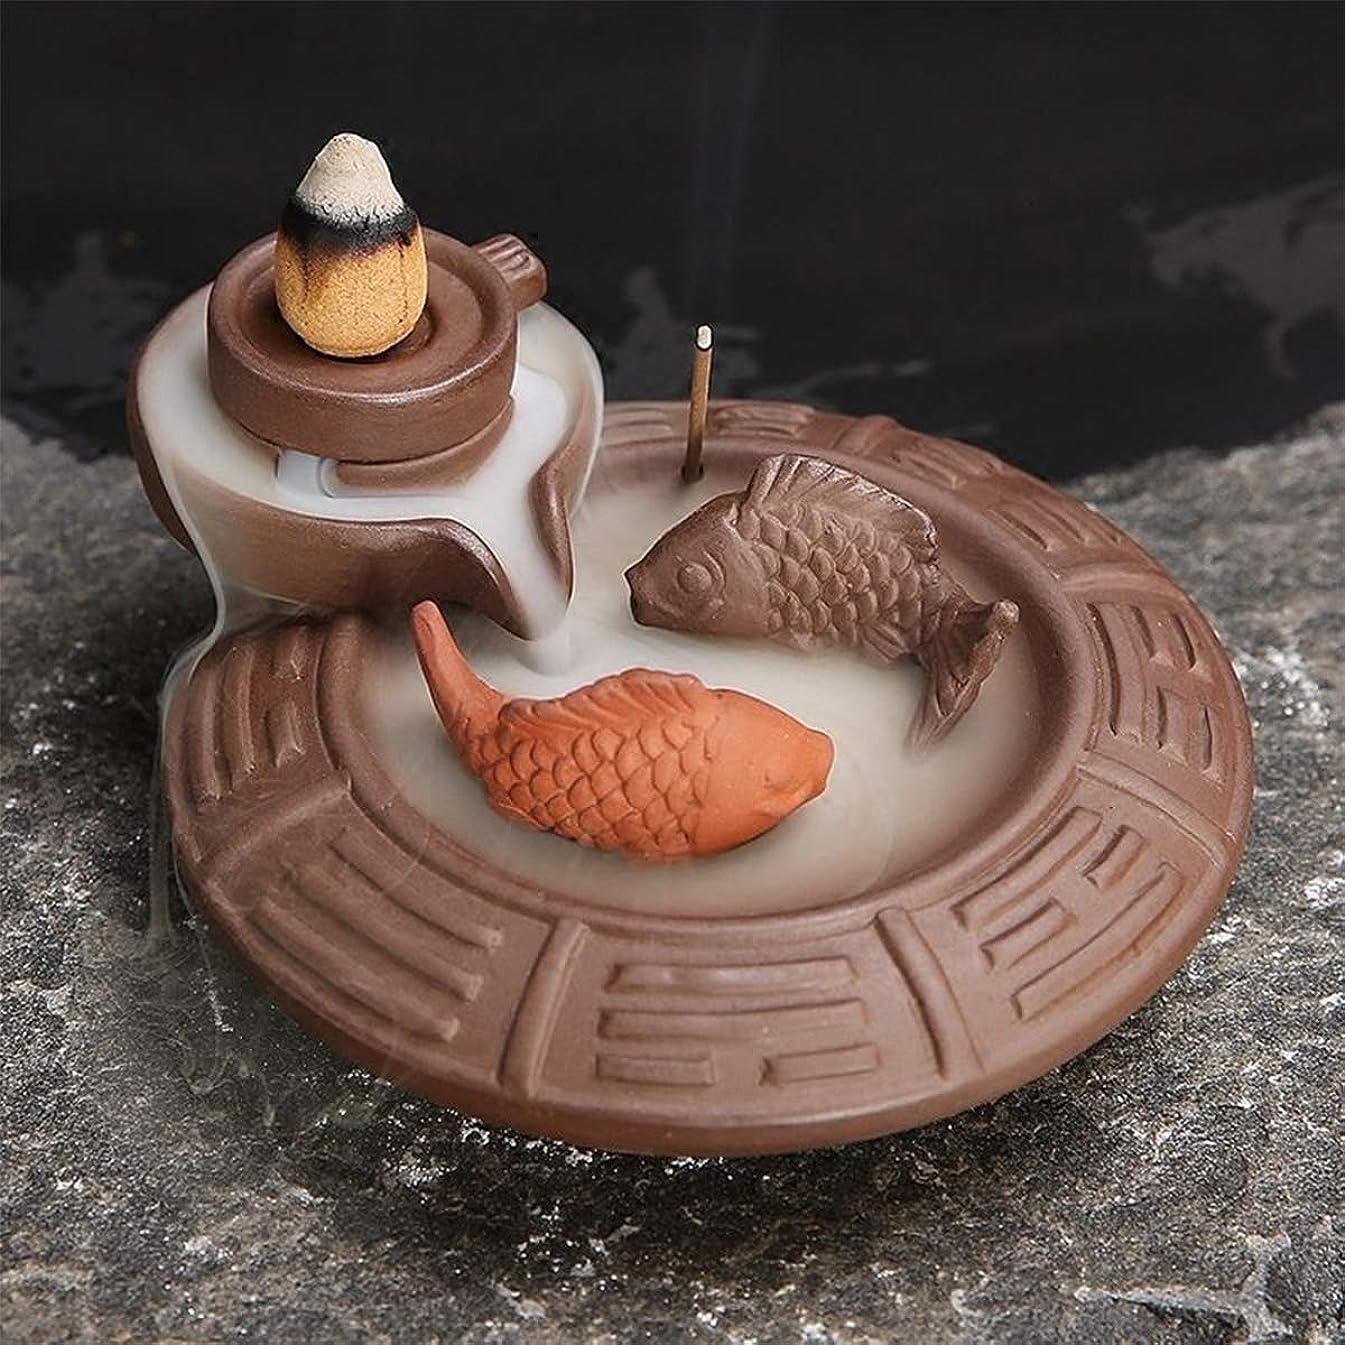 誘惑ここに簡単に(Fish) - Jeteven Ceramic Fish Backflow Incense Burner, Incense Cones Sticks Holder, Ideal for Yoga Room, Home Decoration & Handicraft Gift